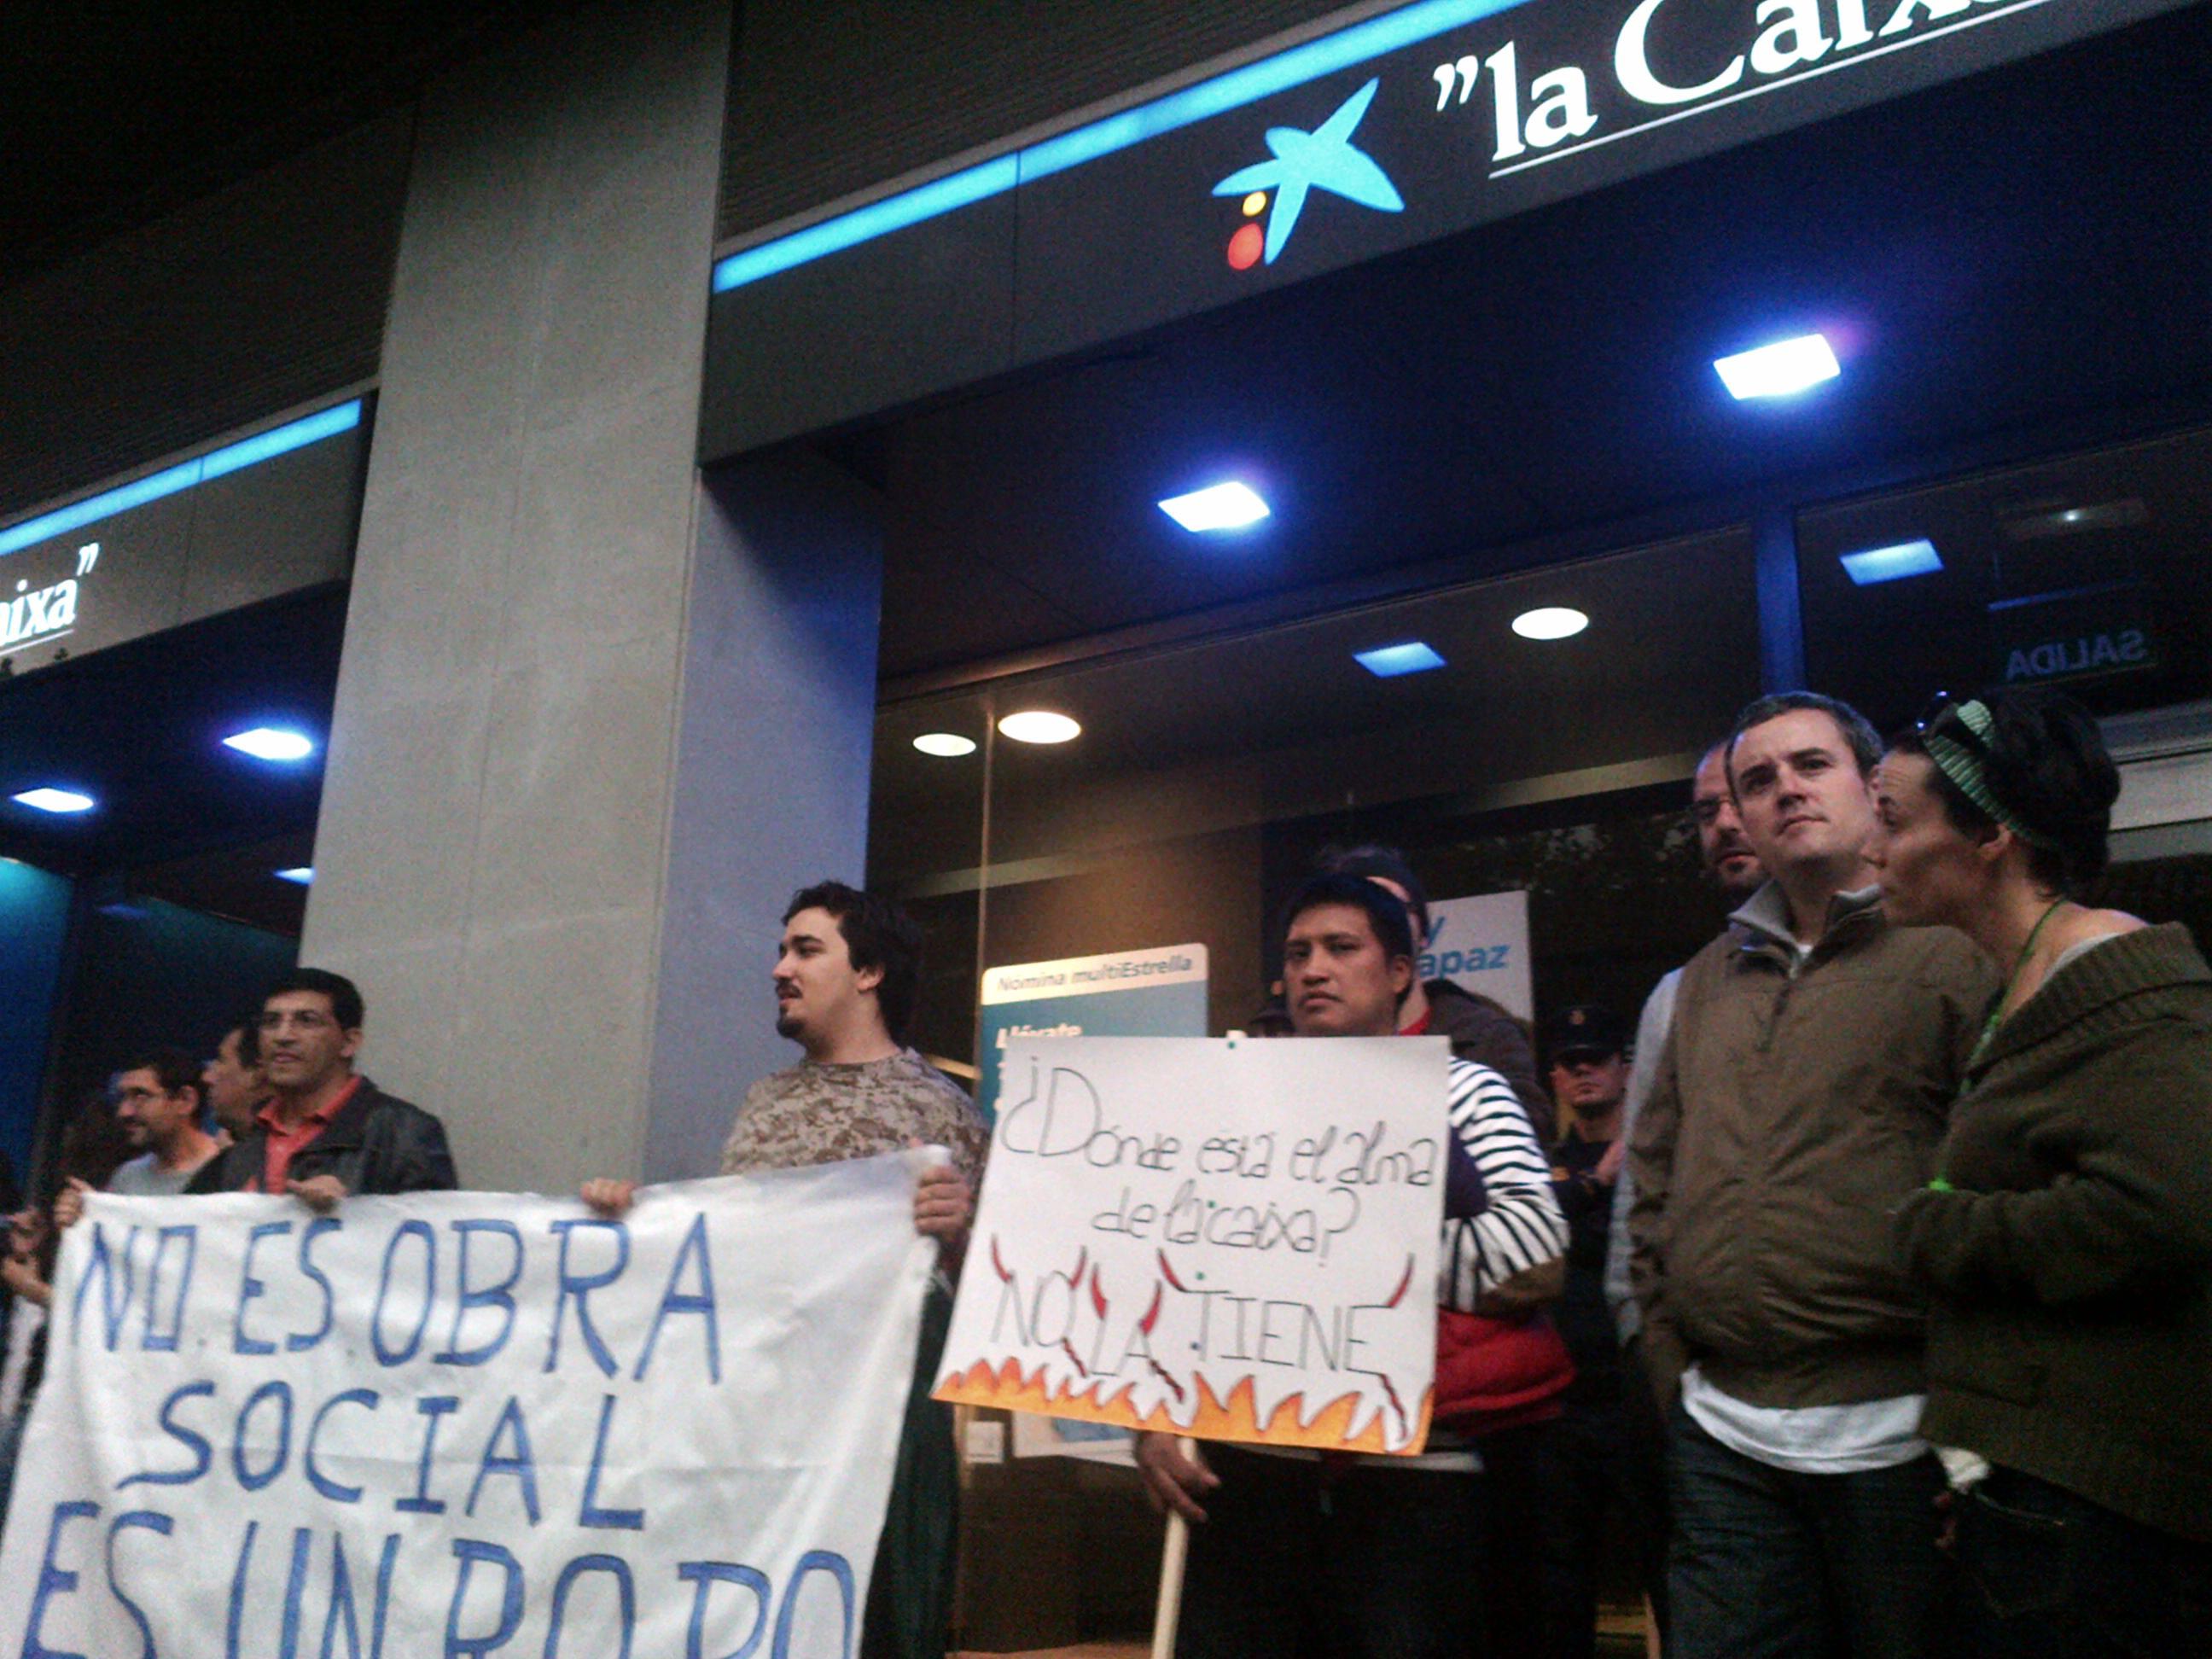 Caixabank debe paralizar las ejecuciones de nuestros for La caixa oficinas zaragoza